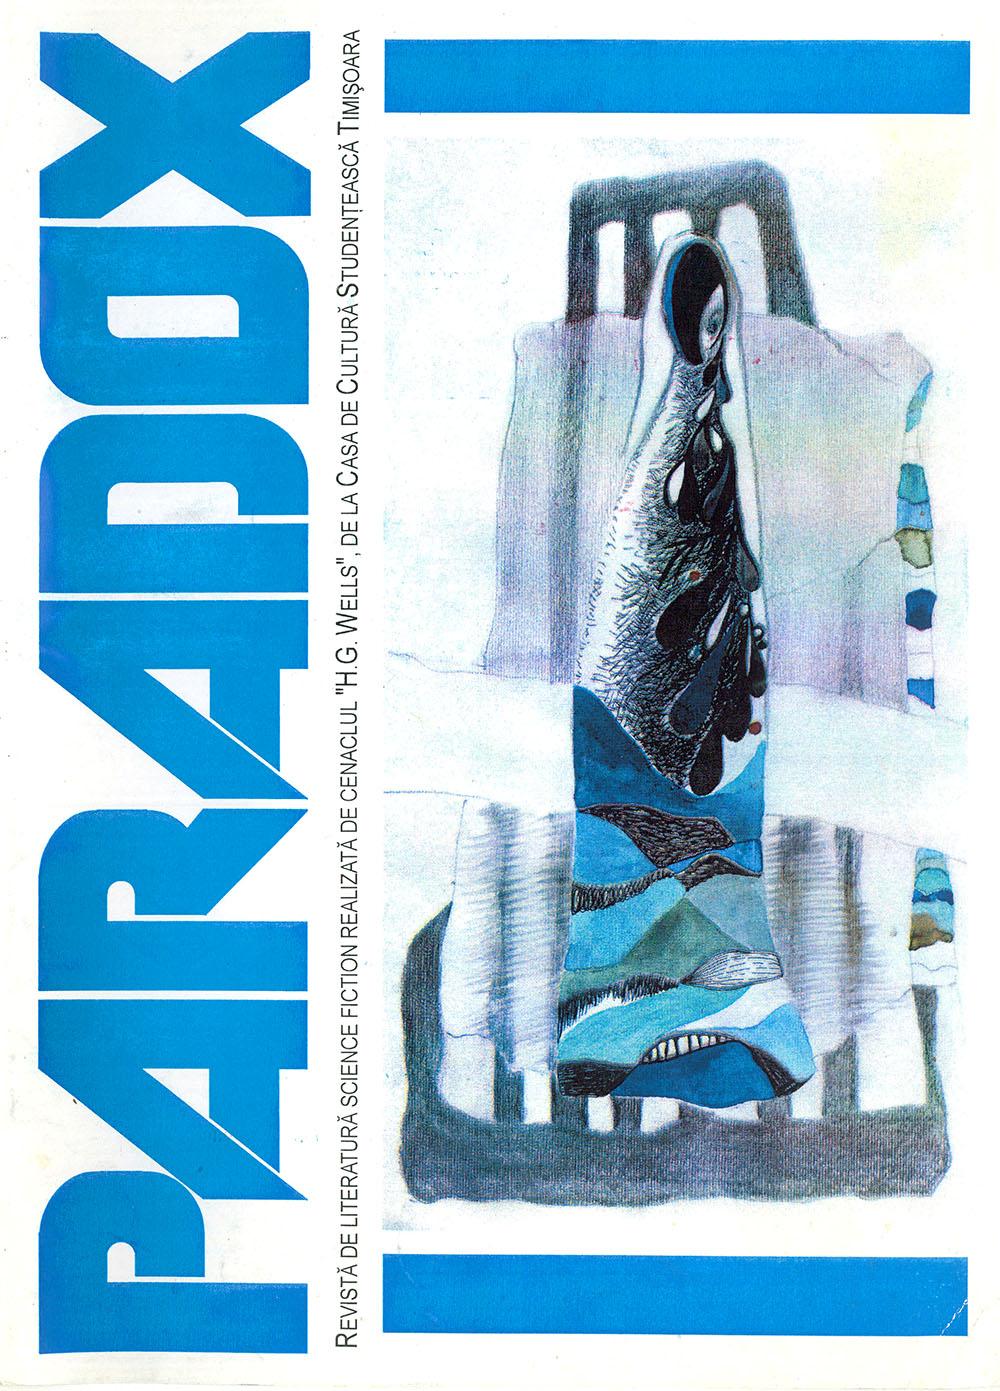 Paradox nr. 21/1999